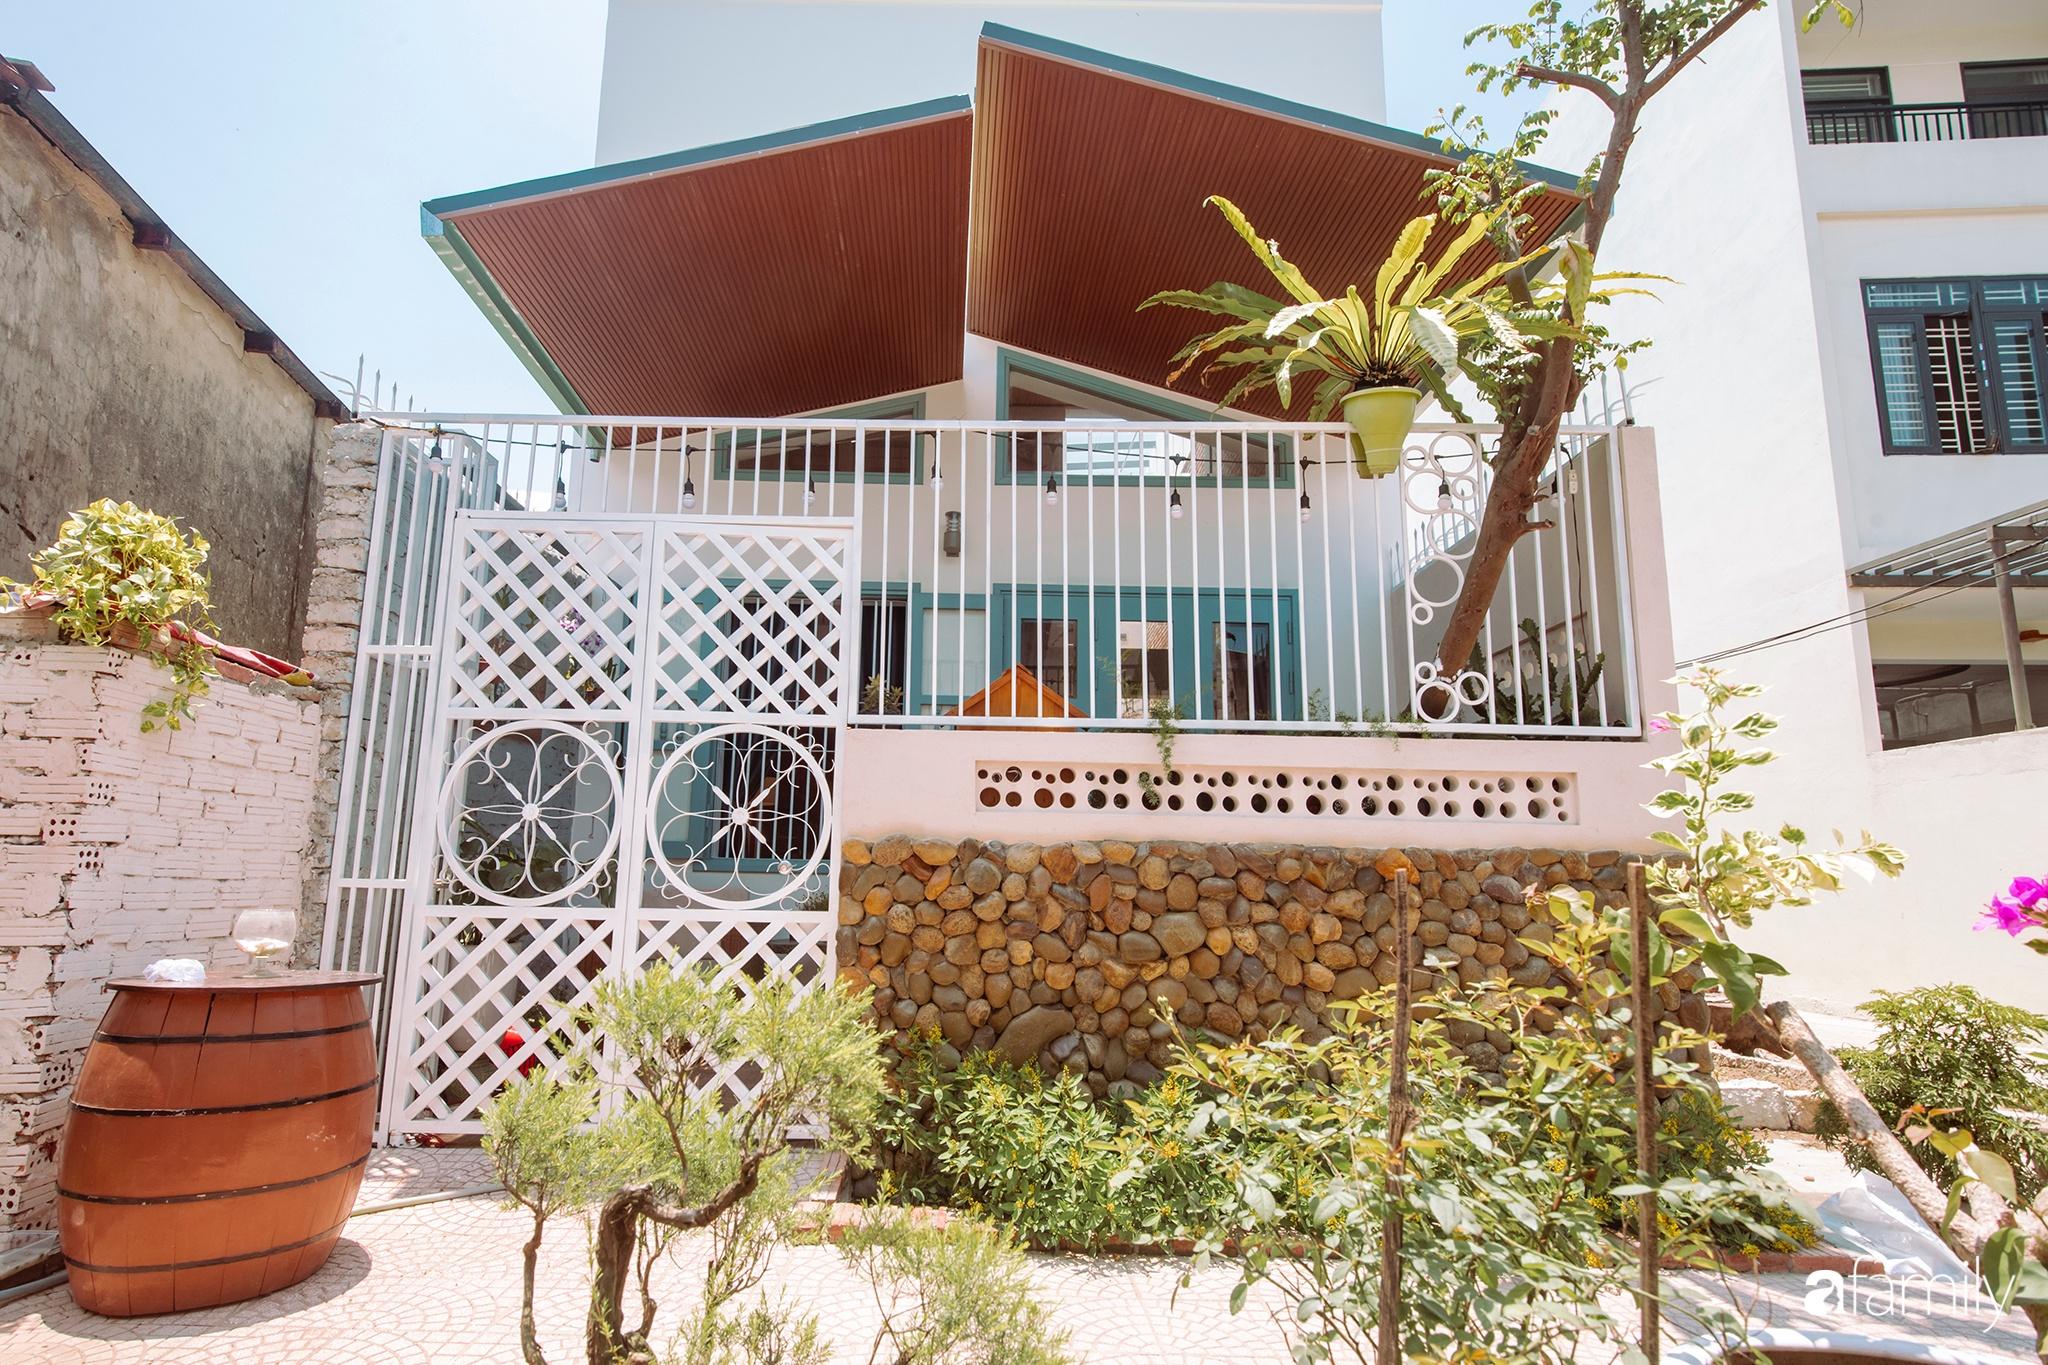 Ngôi nhà 80m² được xây dựng từ những ký ức tuổi thơ yên bình ở thành phố biển Đà Nẵng - Ảnh 1.